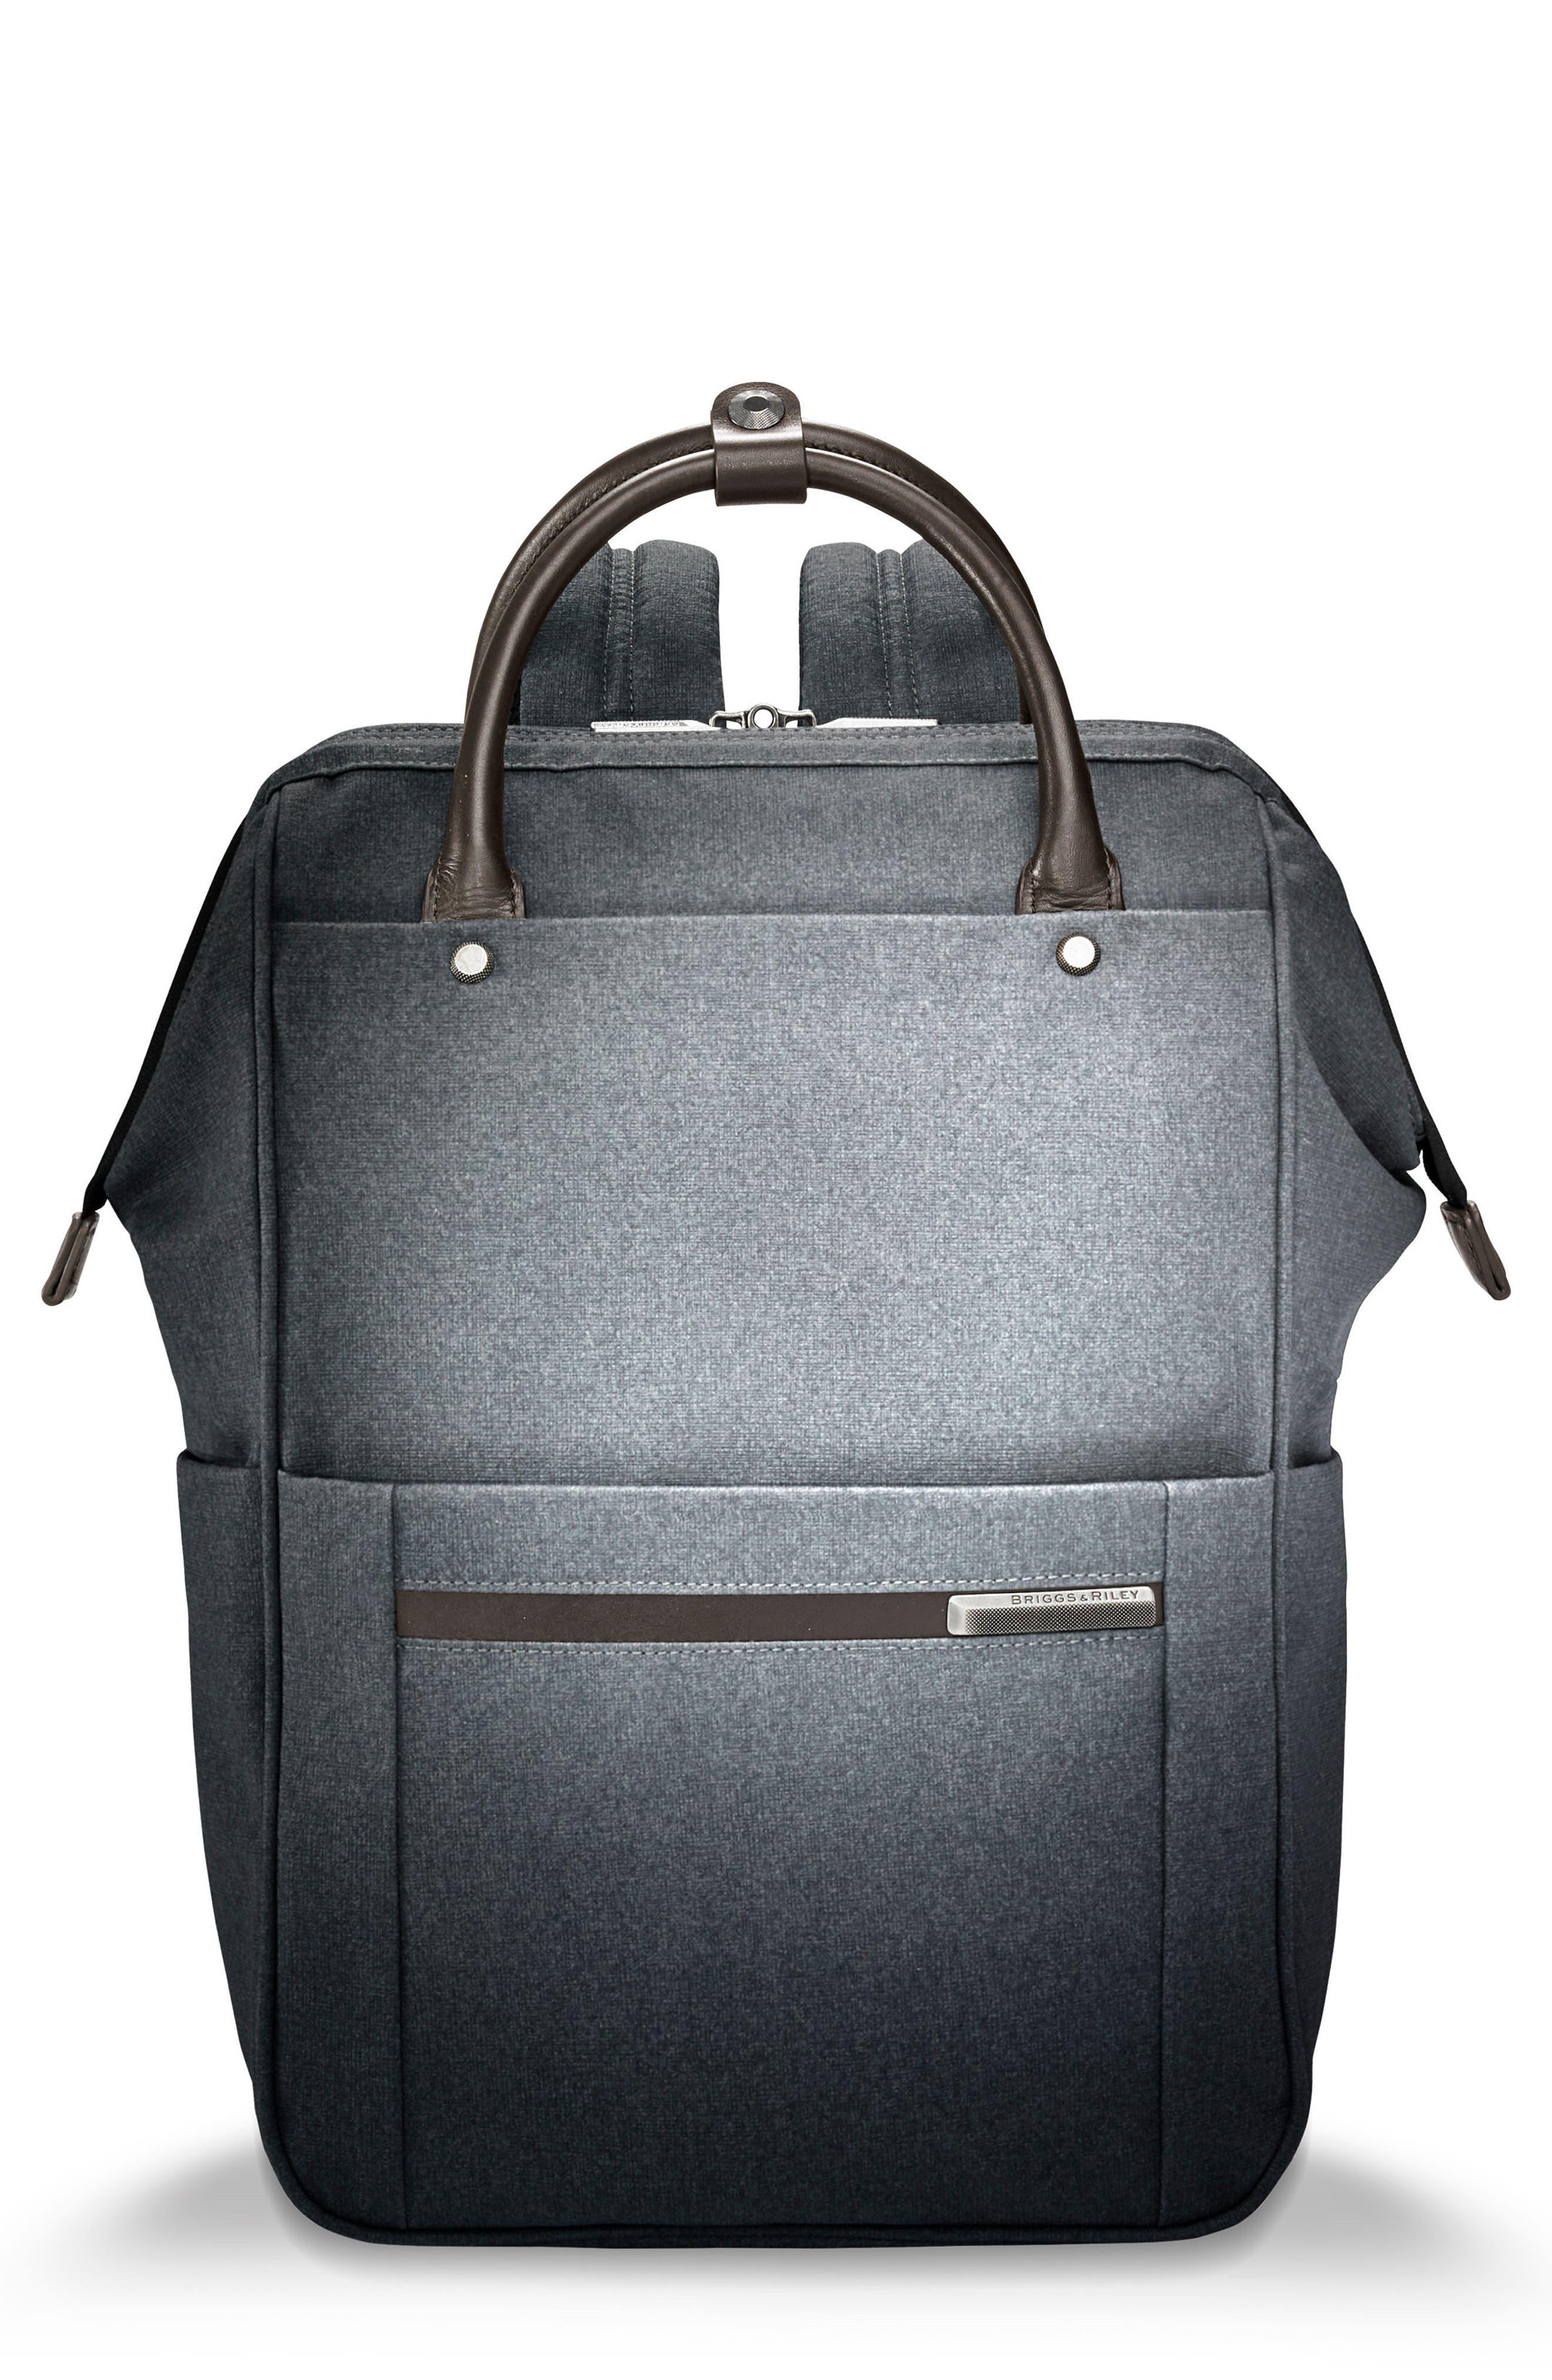 Alternate Image 1 Selected - Briggs & Riley Kinzie Street Backpack